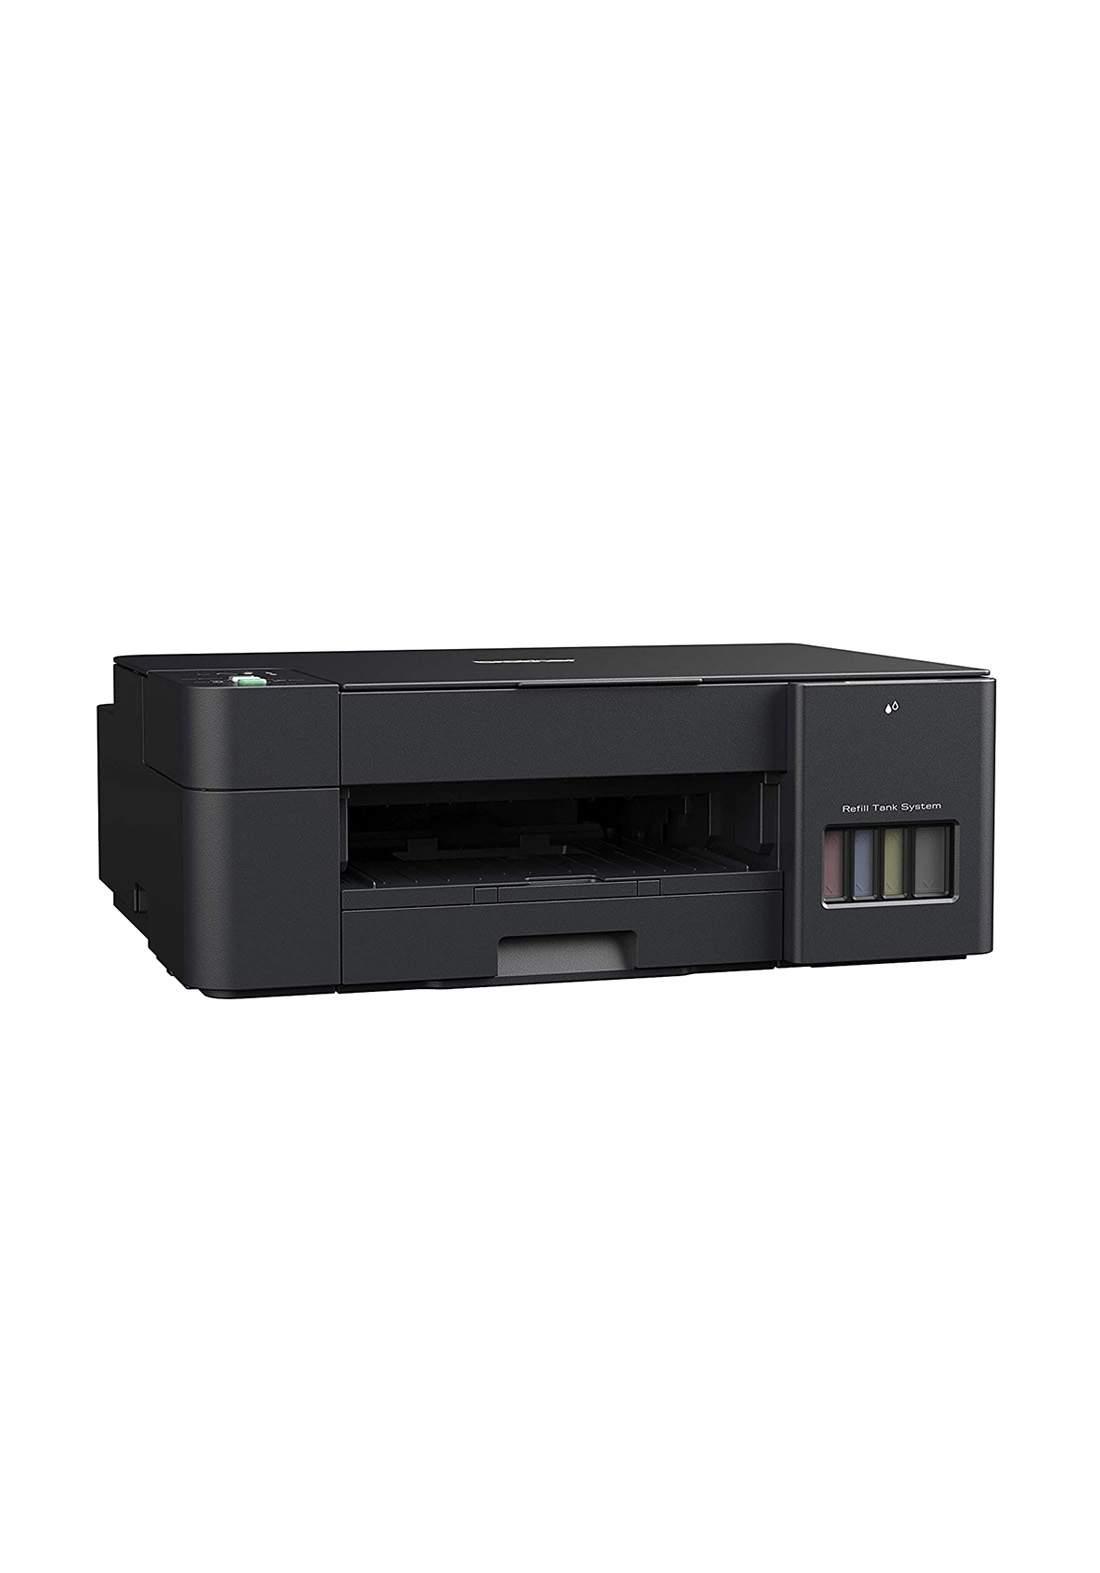 Brother DCP-T220 3-in-1 Inkjet Color Printer طابعة